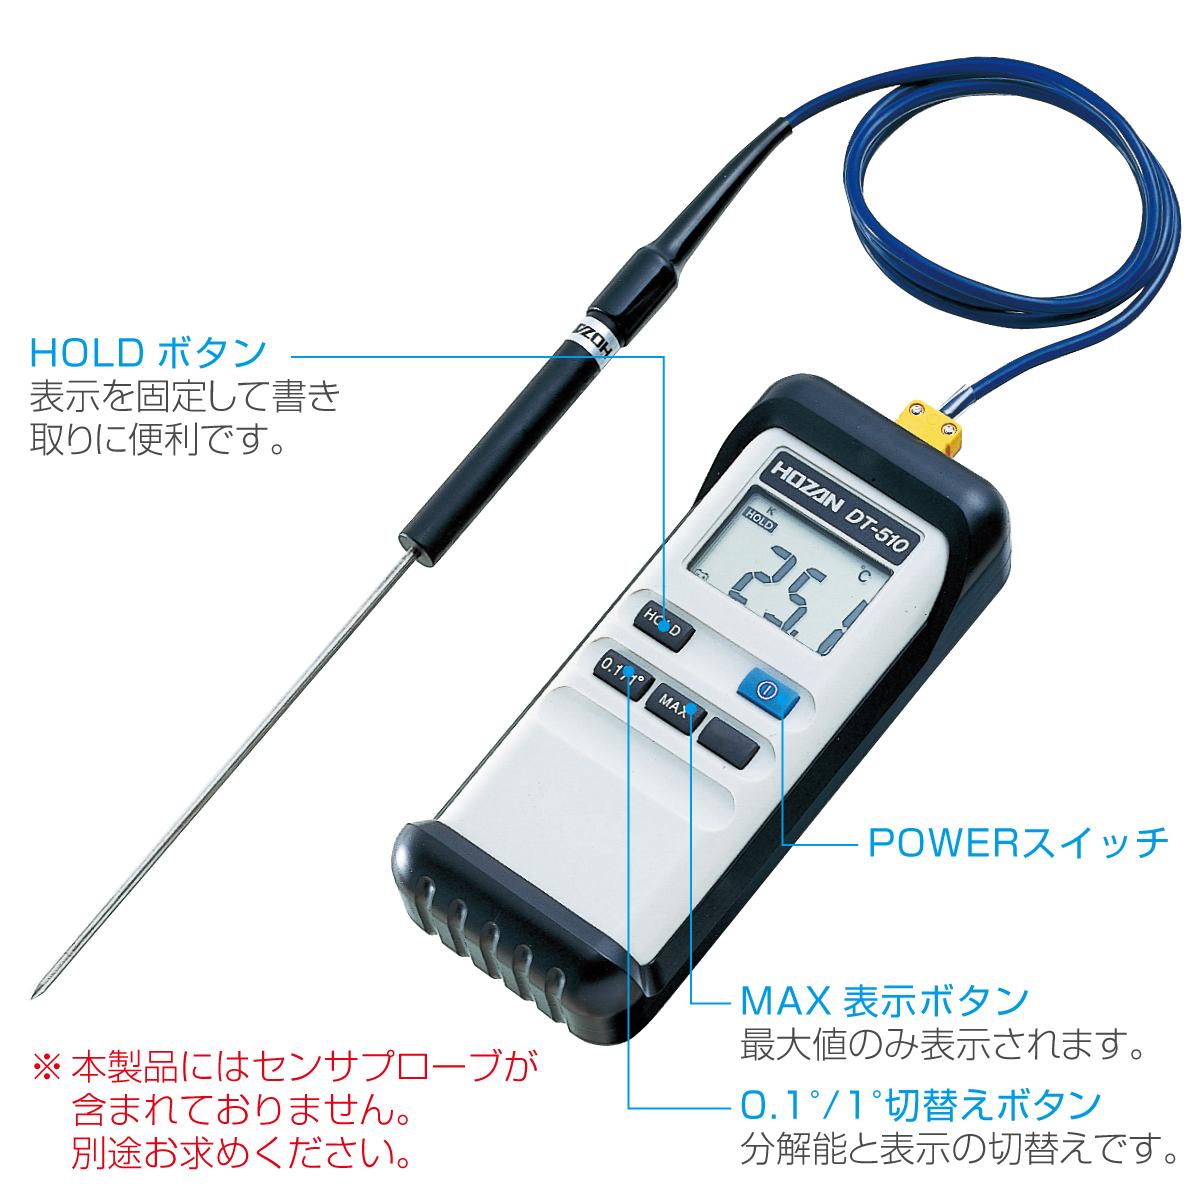 ホーザン デジタル温度計 DT-510